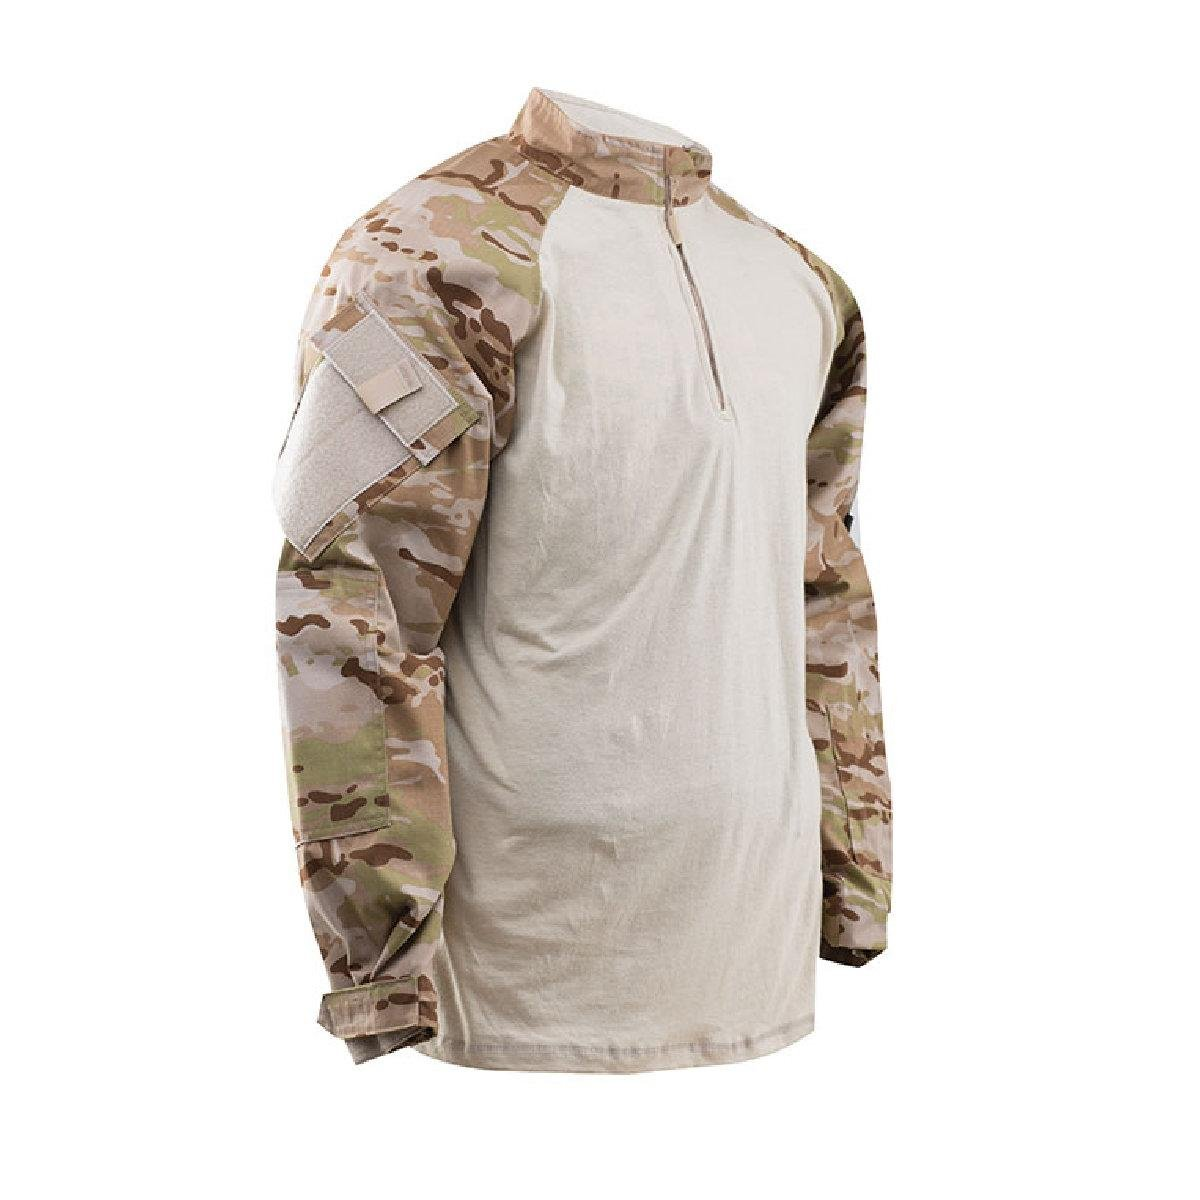 tru-spec Combat Shirt, uomo, Multicam Arid/Sand